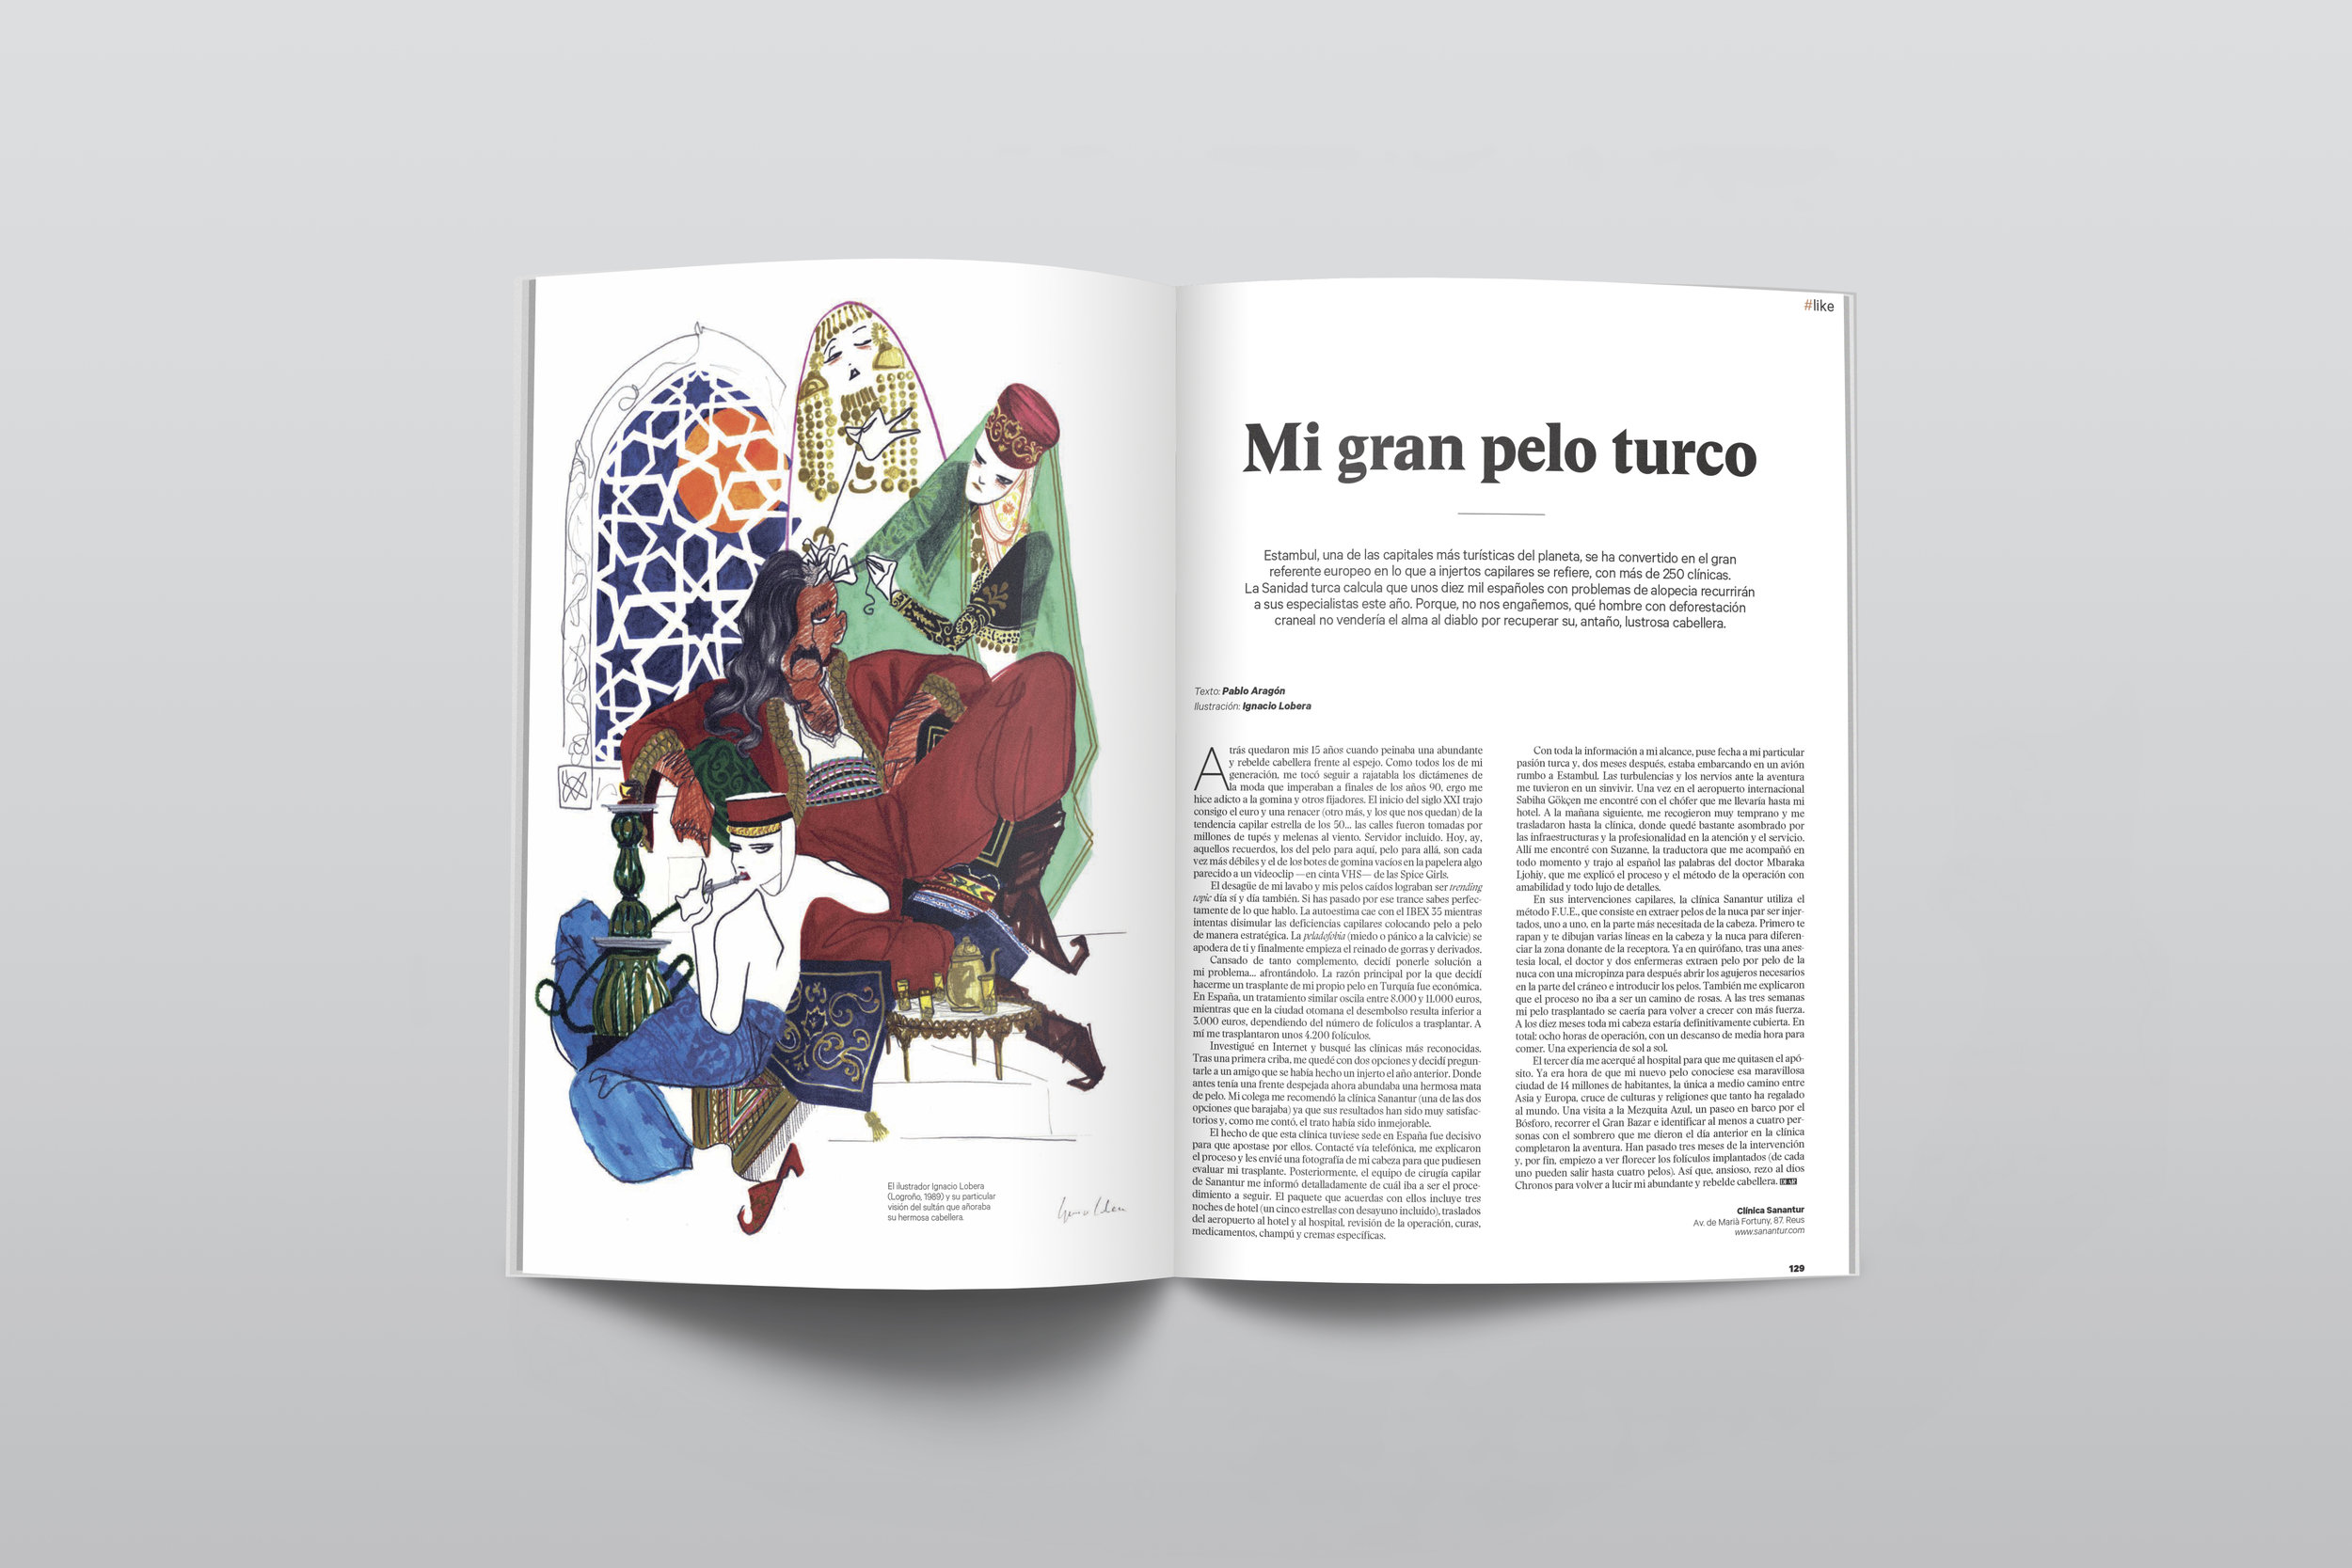 Sueño turco. Ilustración para Dear magazine, diciembre 2017